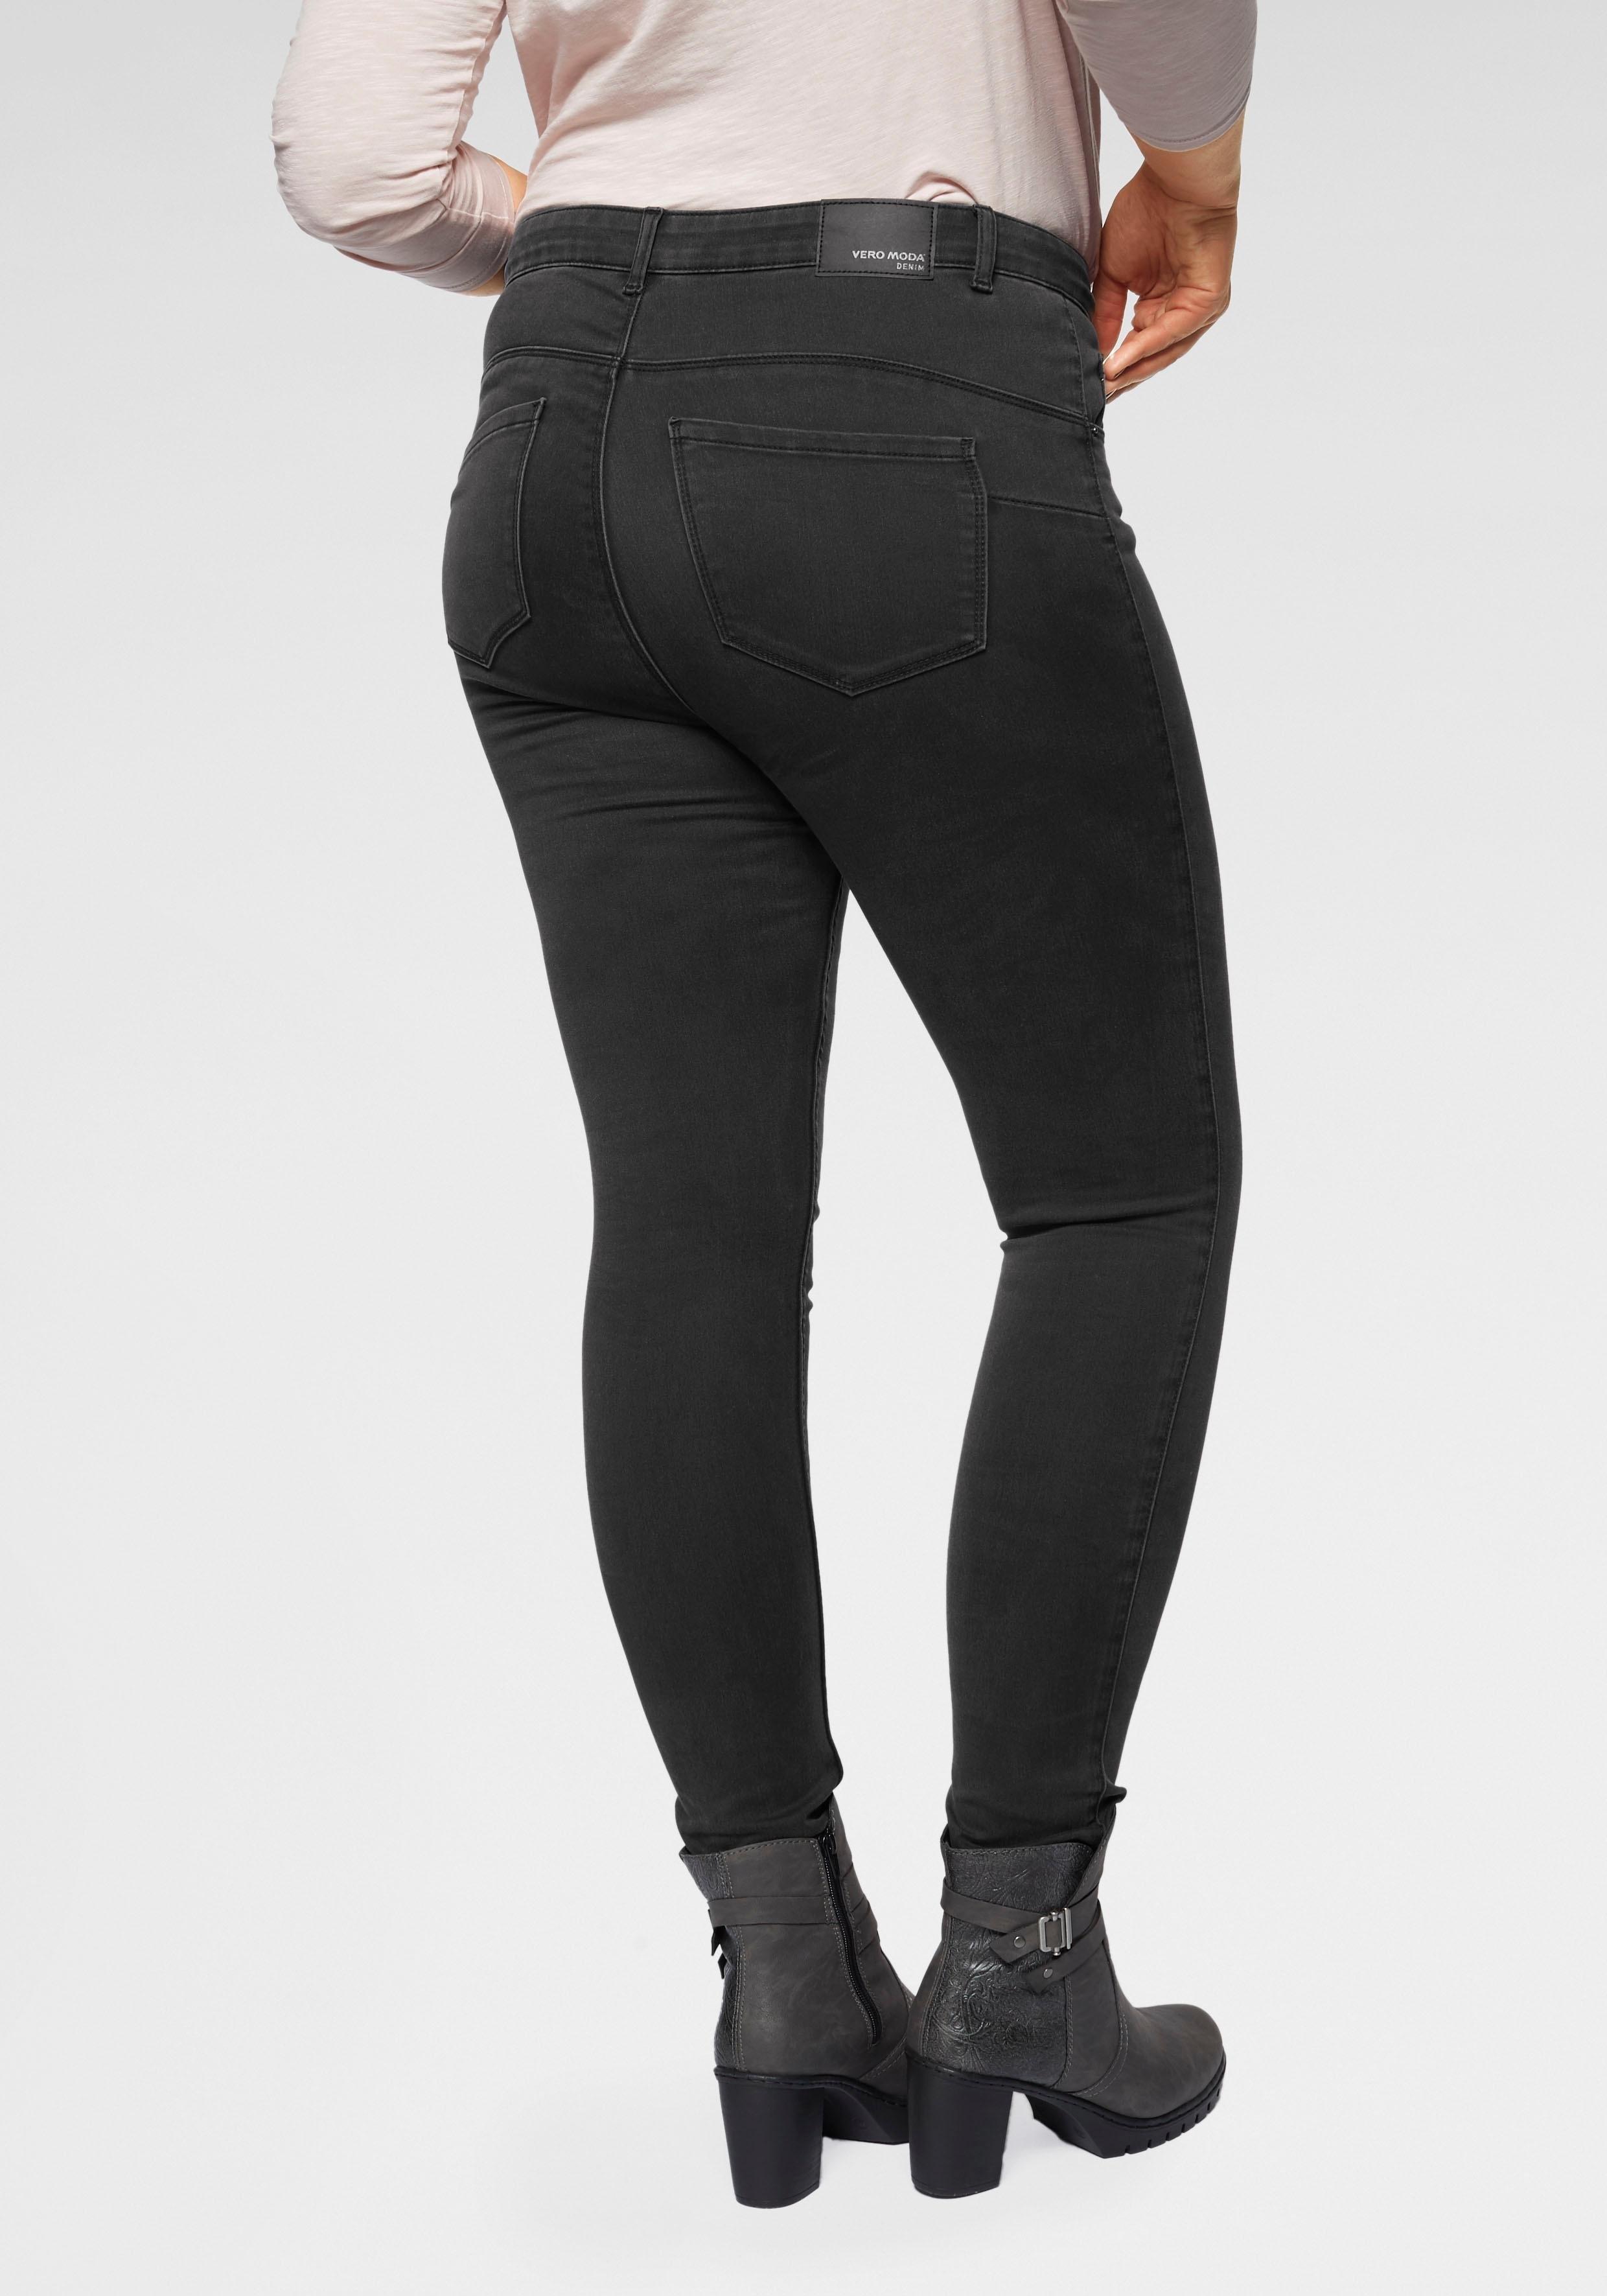 Vero Moda Curve slim fit jeans bestellen: 14 dagen bedenktijd